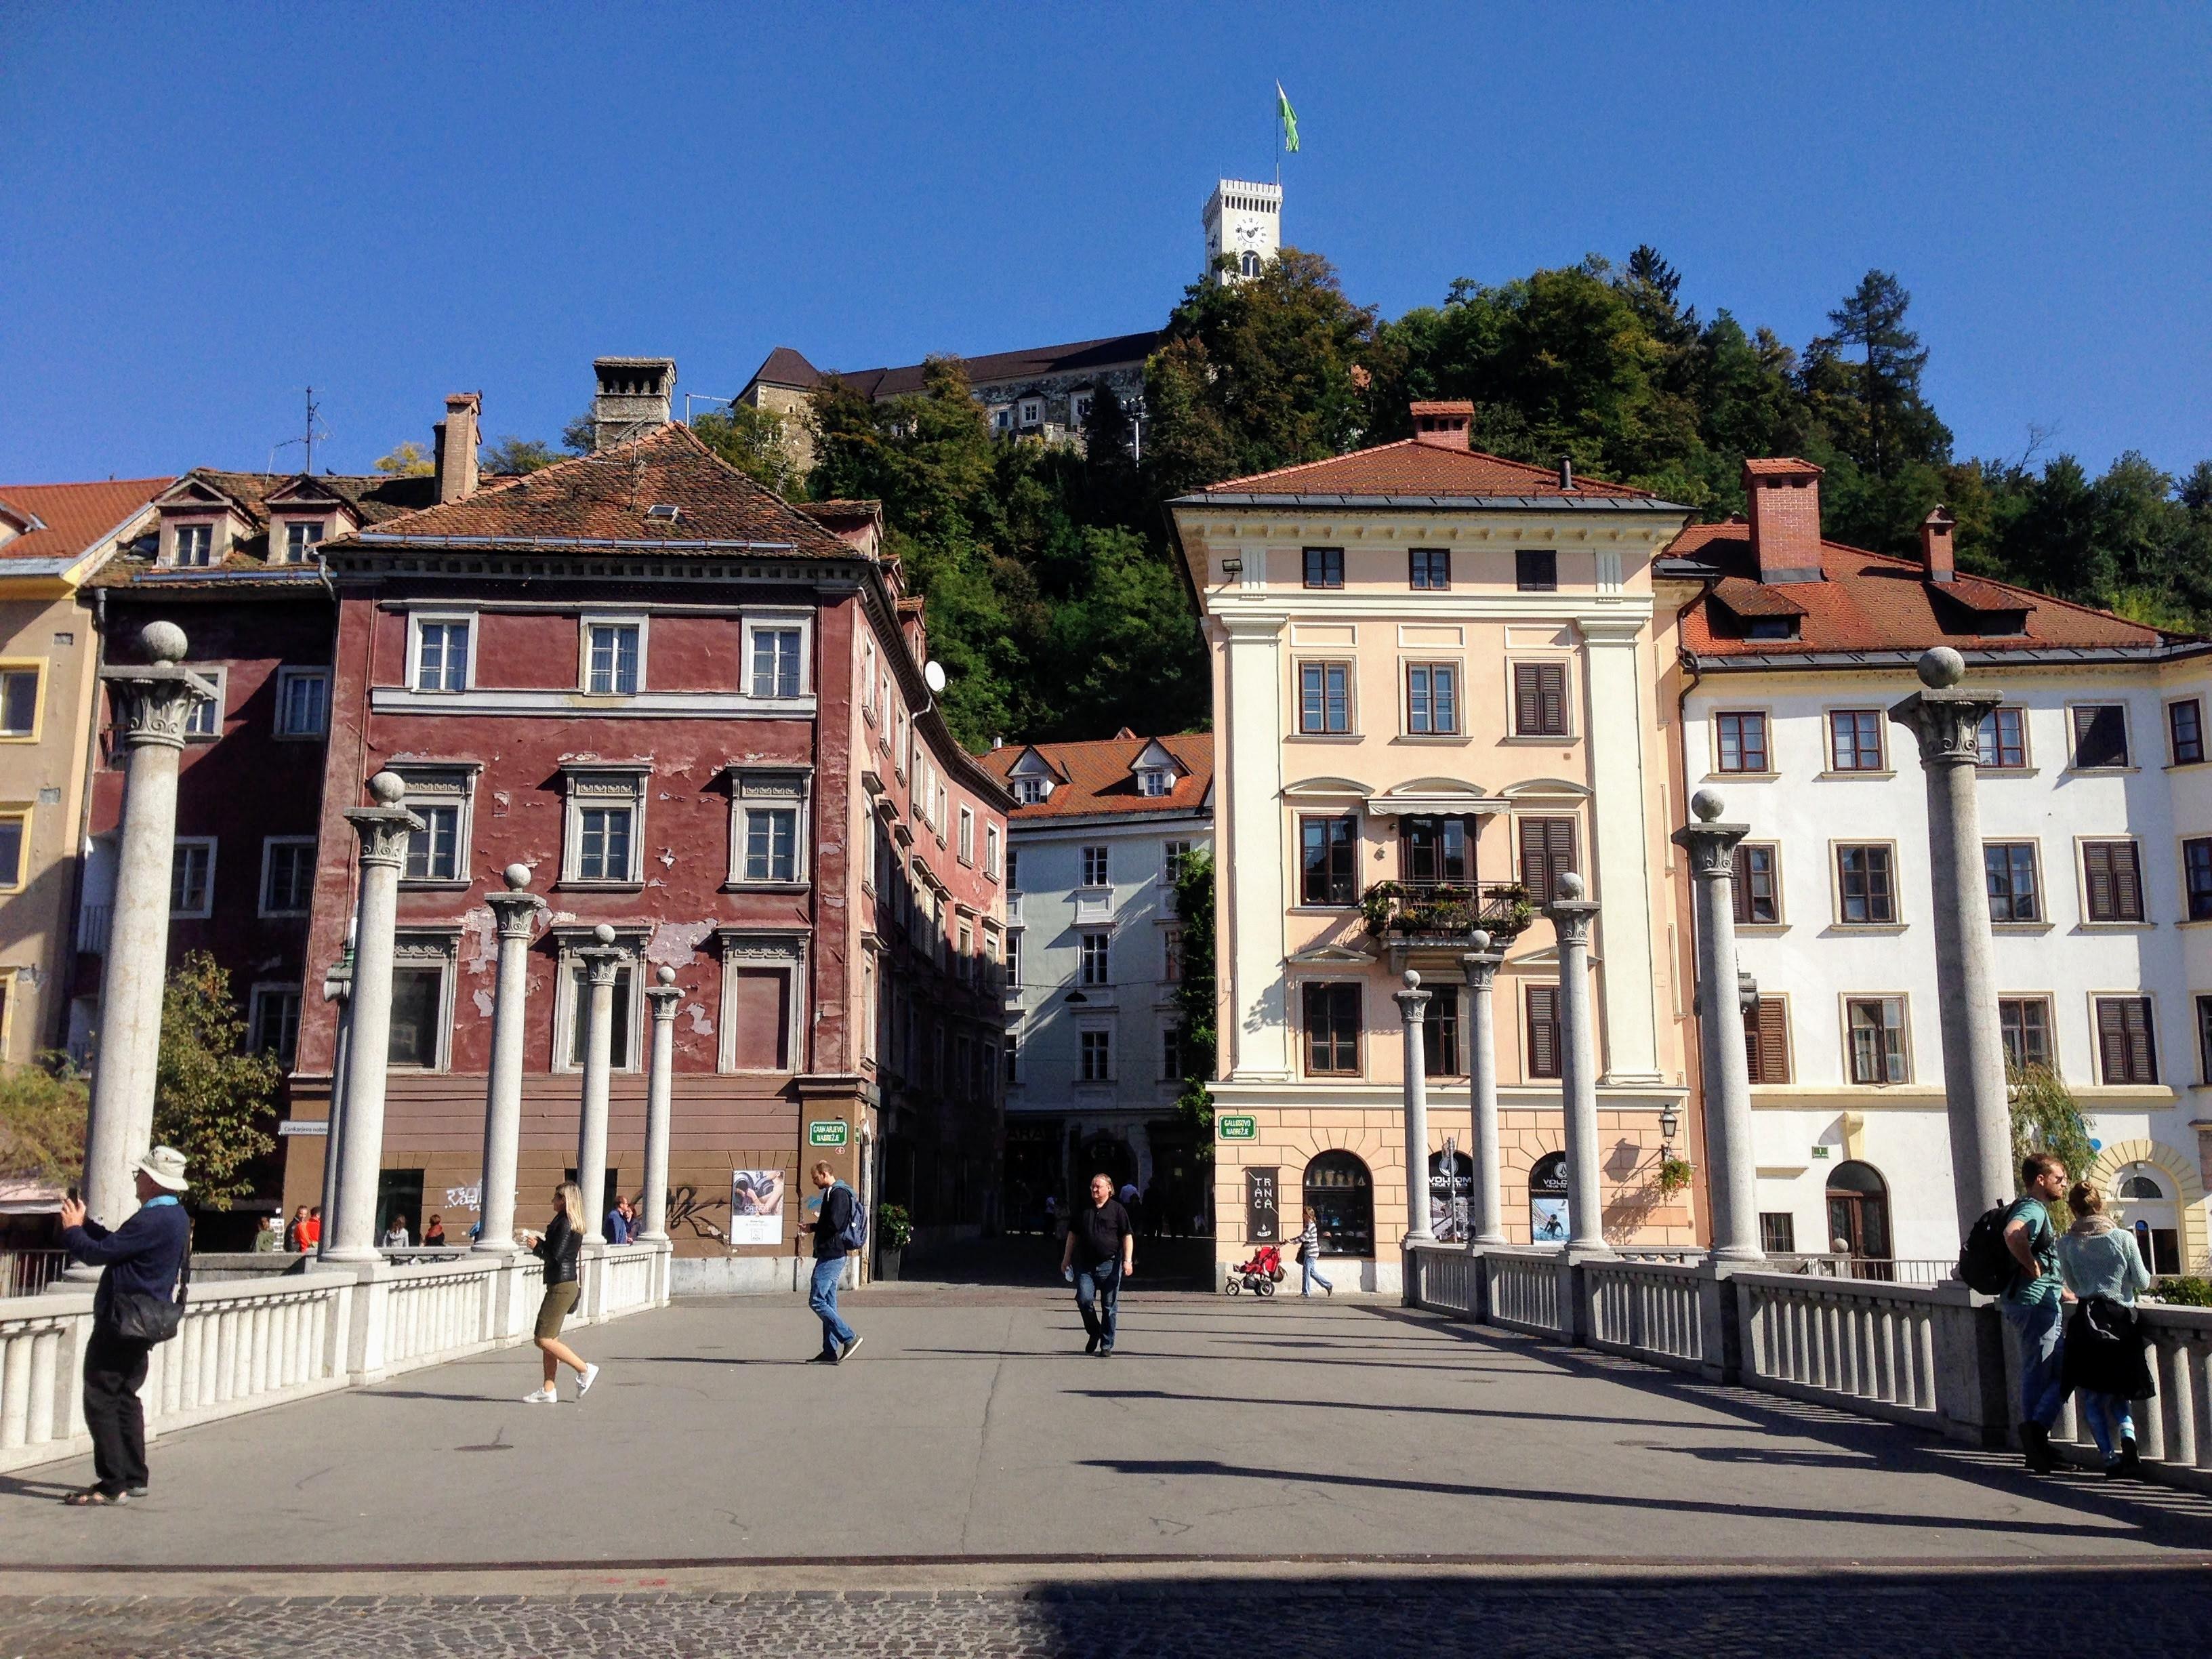 Lubljana architecture river castle clovenia historic city centre